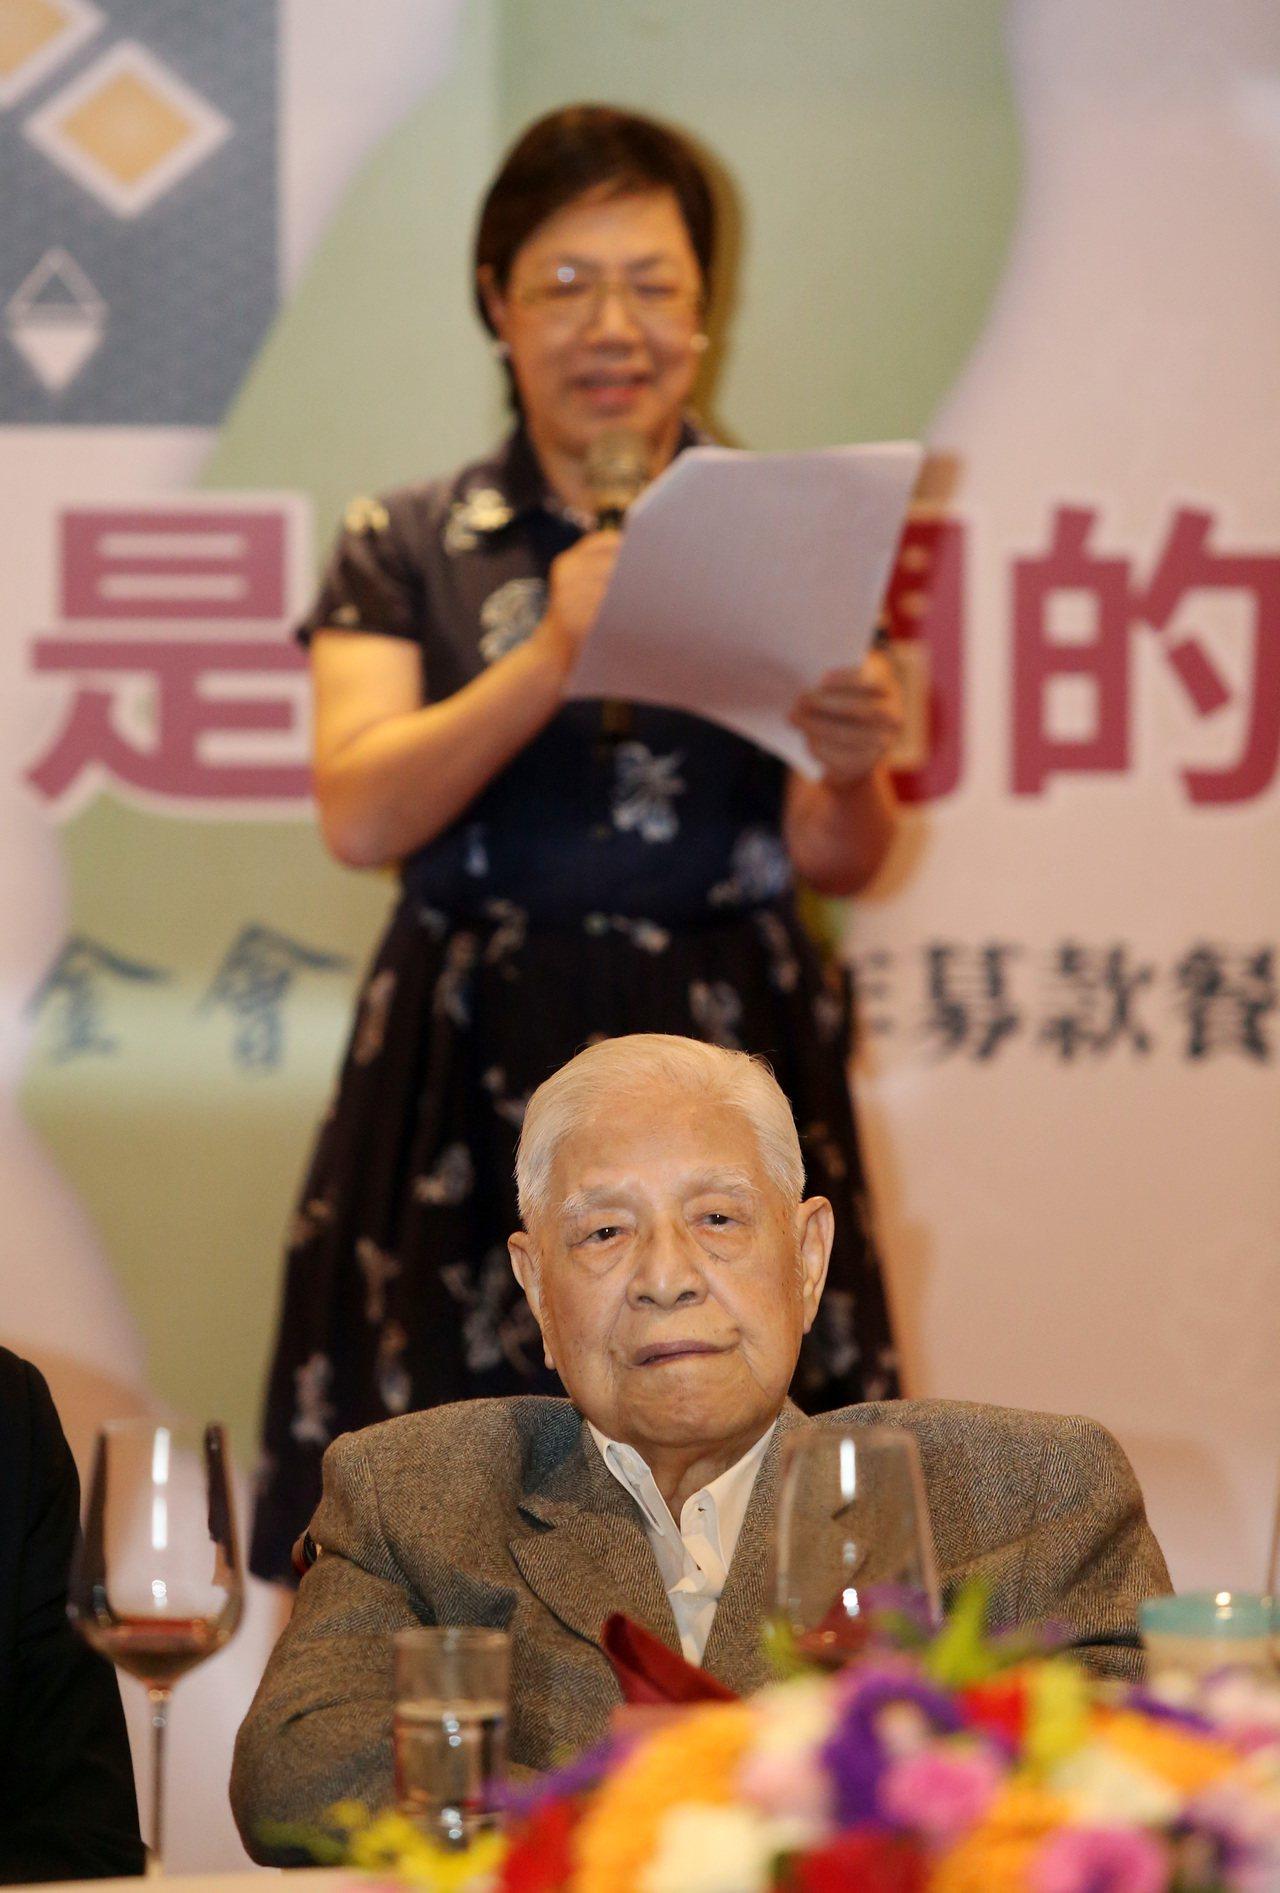 前總統李登輝(前)今天出席基金會2019年募款餐會,向與會來賓舉杯致意,並由女兒...